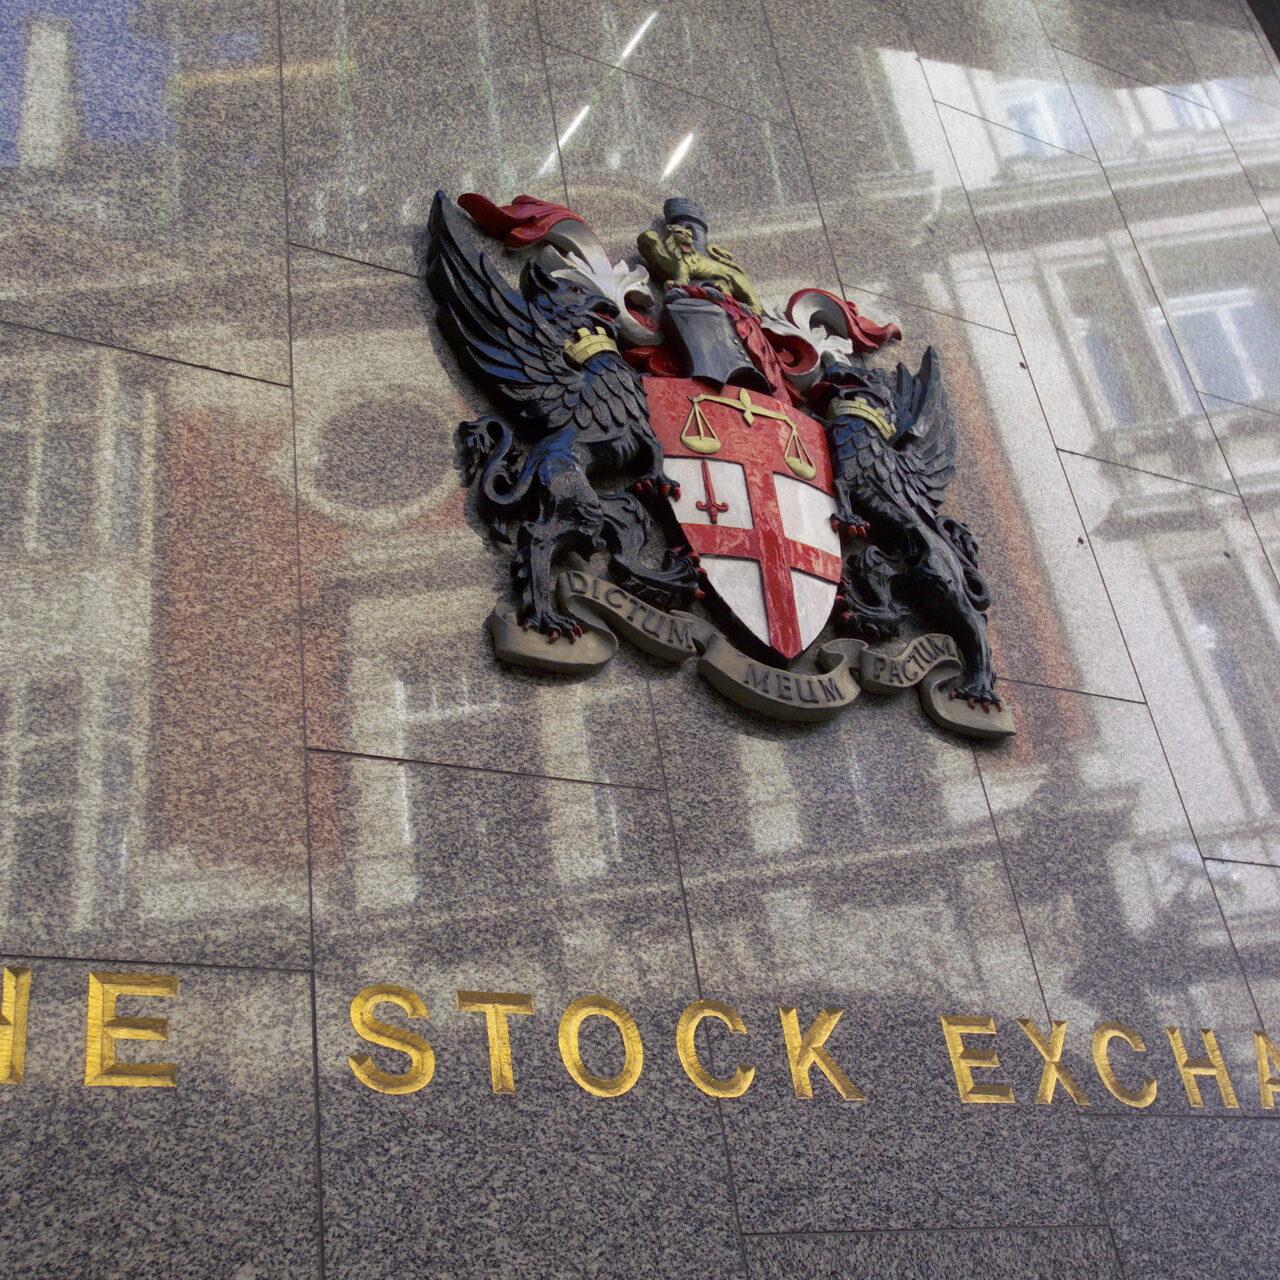 Berenberg erhält Zulassung der London Stock Exchange als Nominated Adviser für denAIM